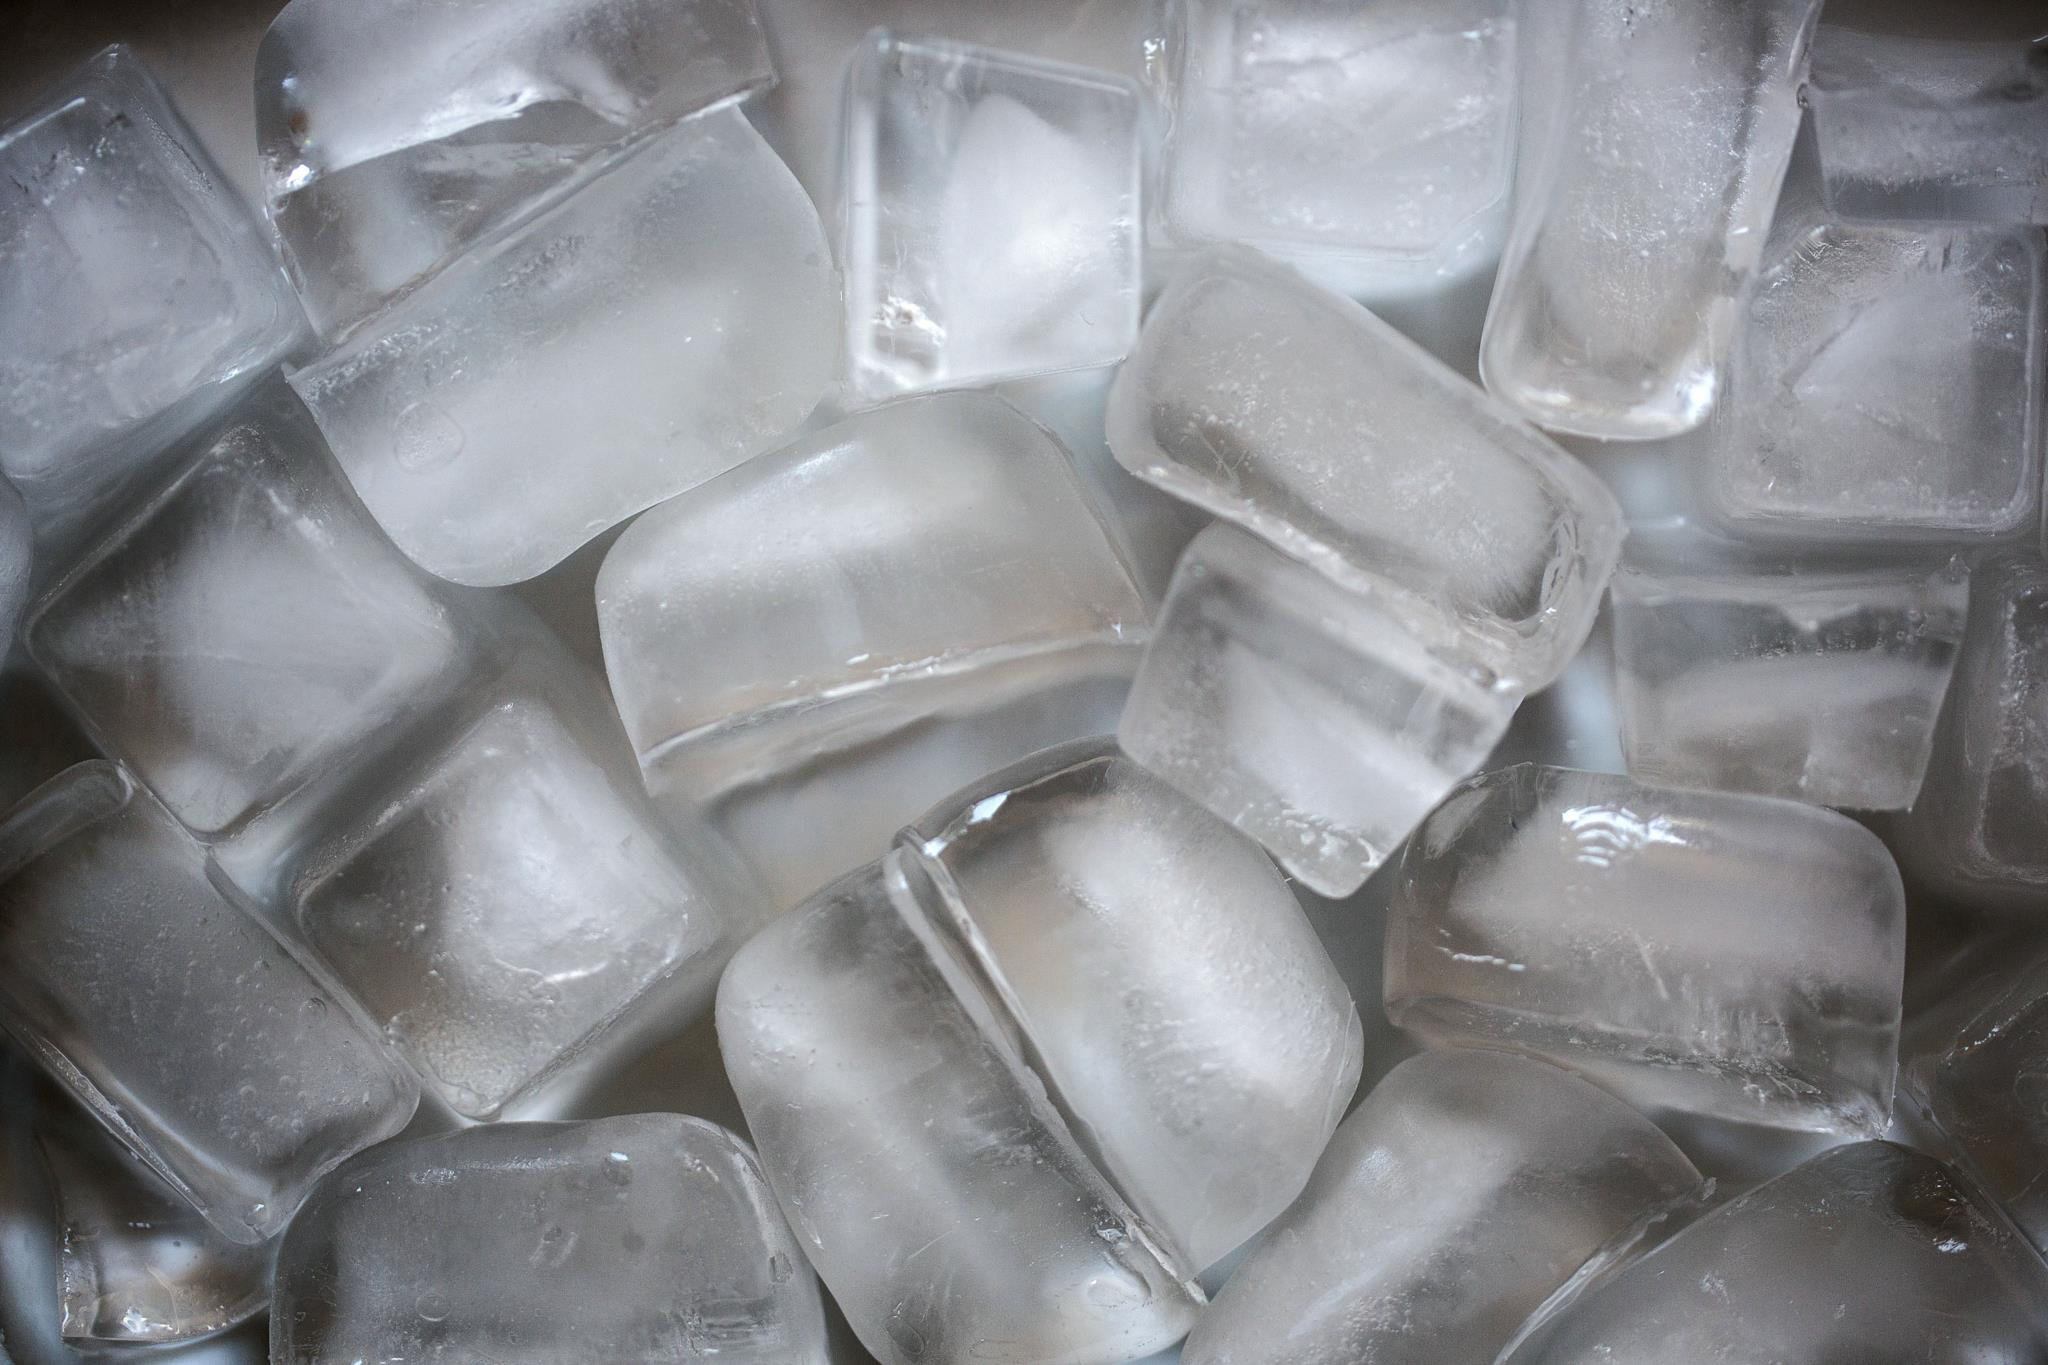 A primeira lição de cocktails é como fazer gelo. É o ingrediente secreto. Sem isso, nada feito